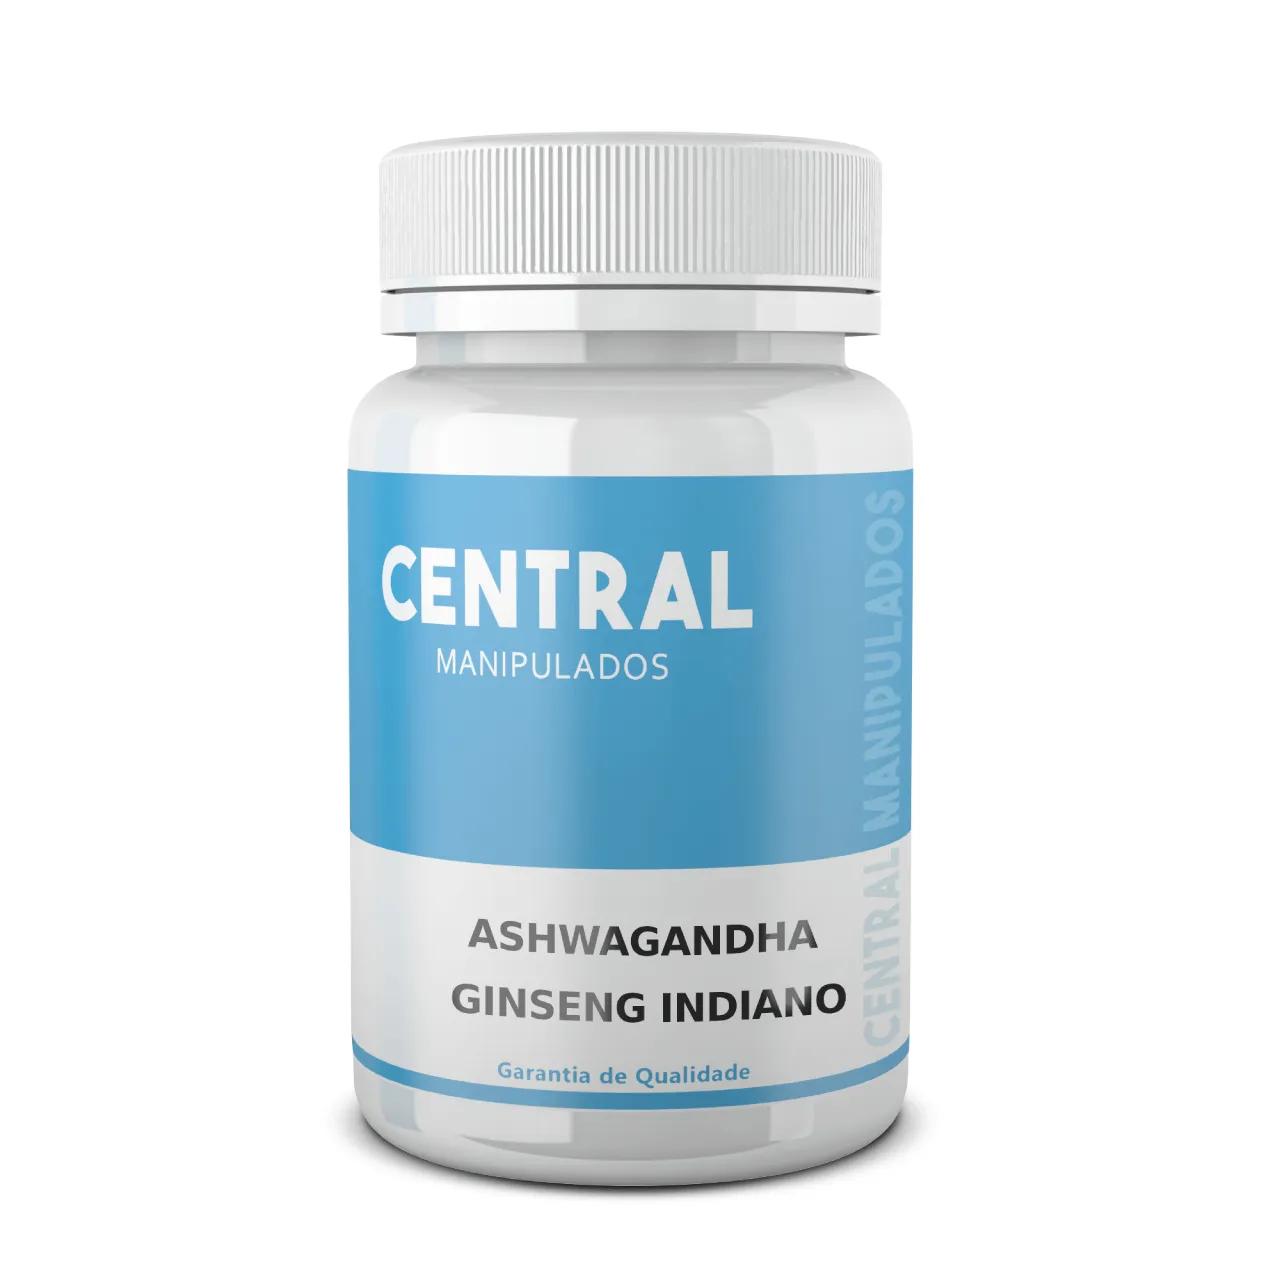 Ginseng Indiano (Ashwagandha) 500mg - 60 cápsulas - Energético e Revitalizante, Melhora Atenção e Sono